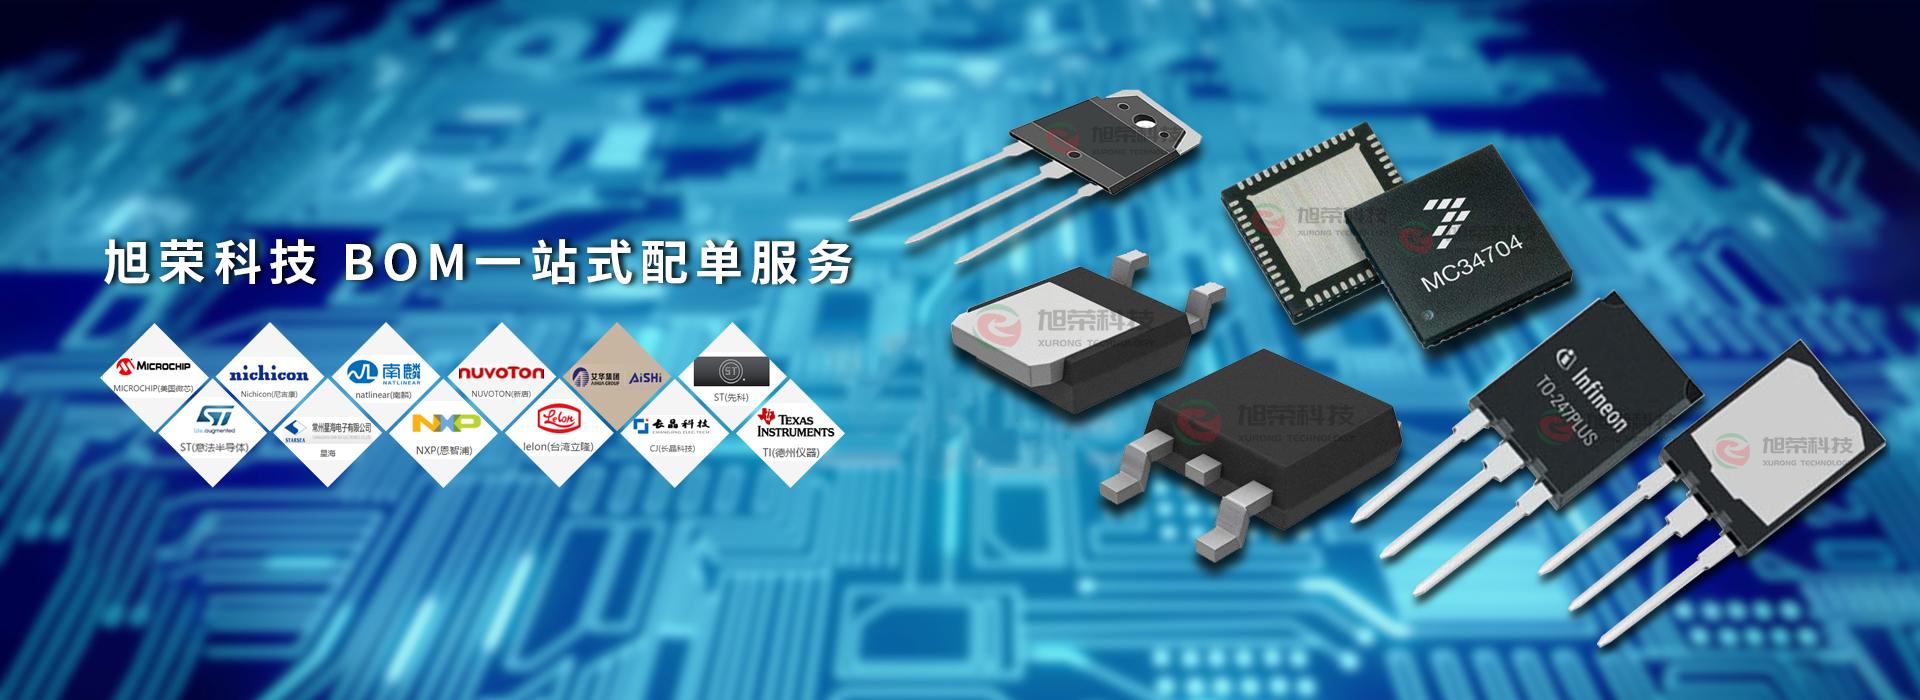 电子产品oem,电子产品研发,电子元件经销